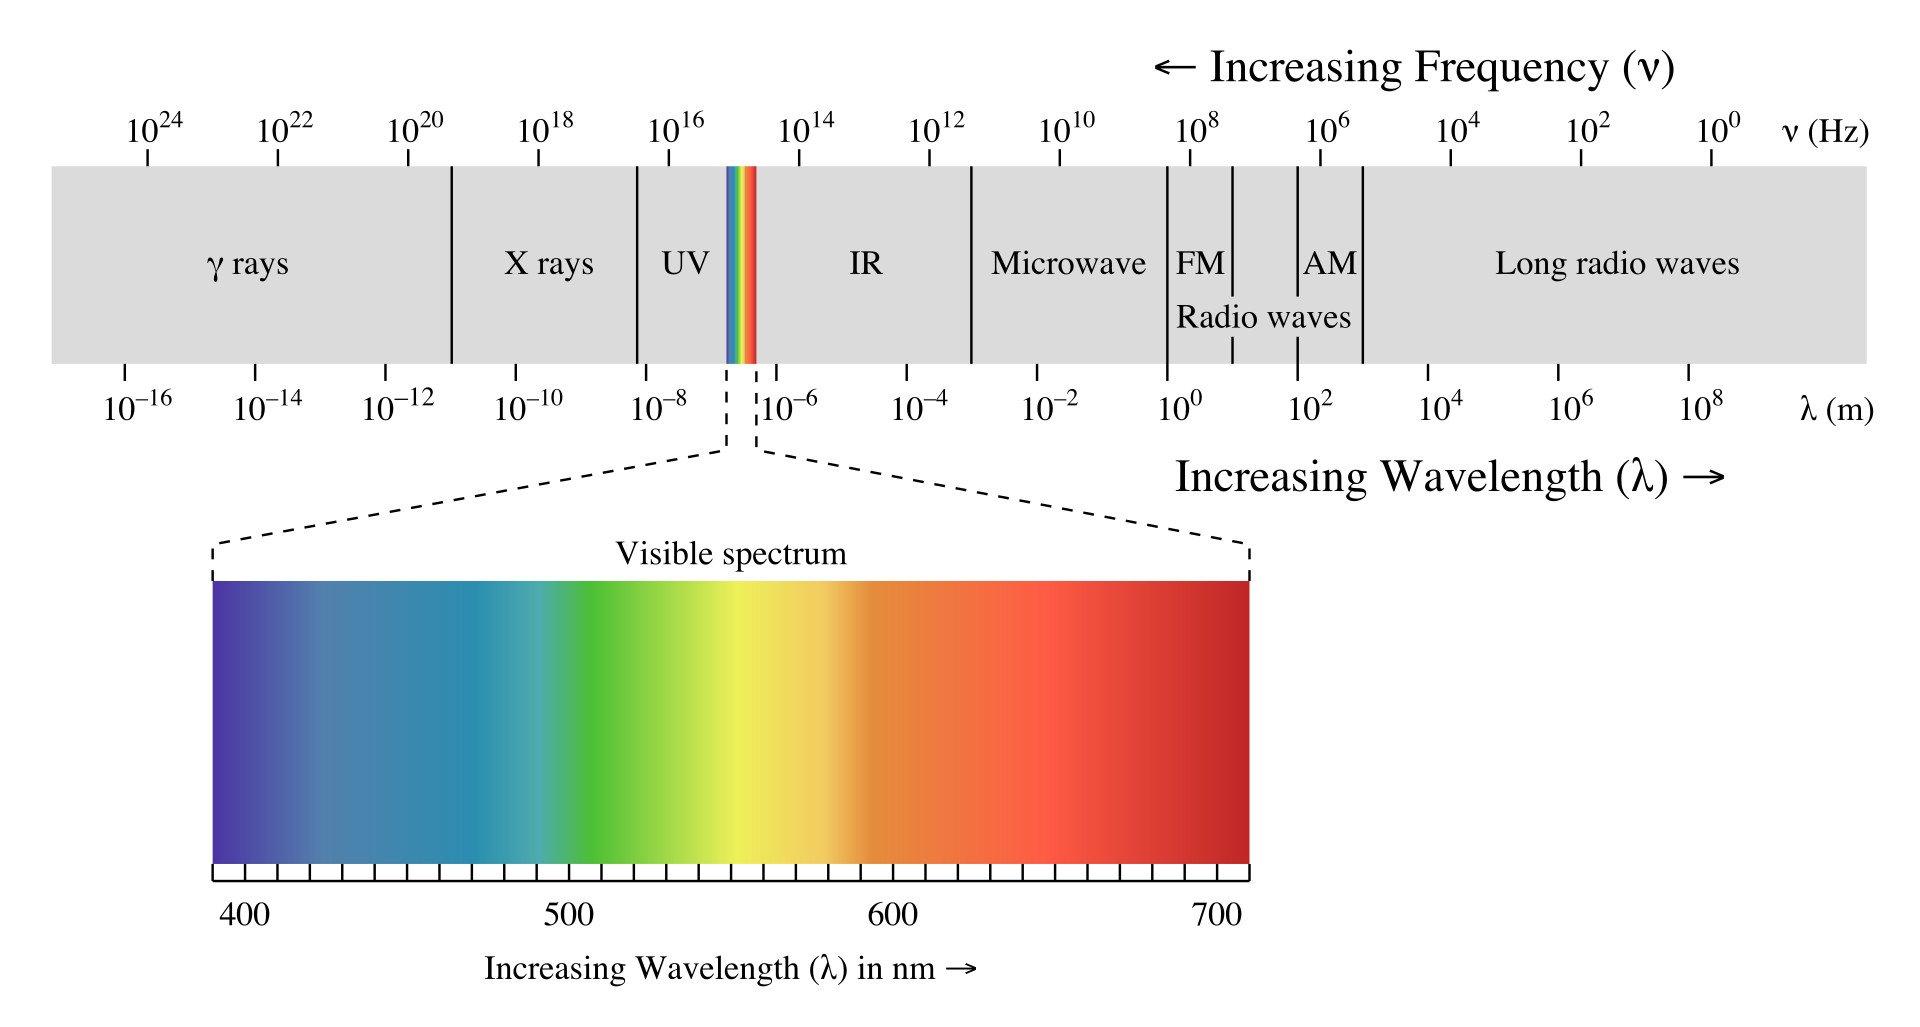 spektrum fali elektromagnetycznej